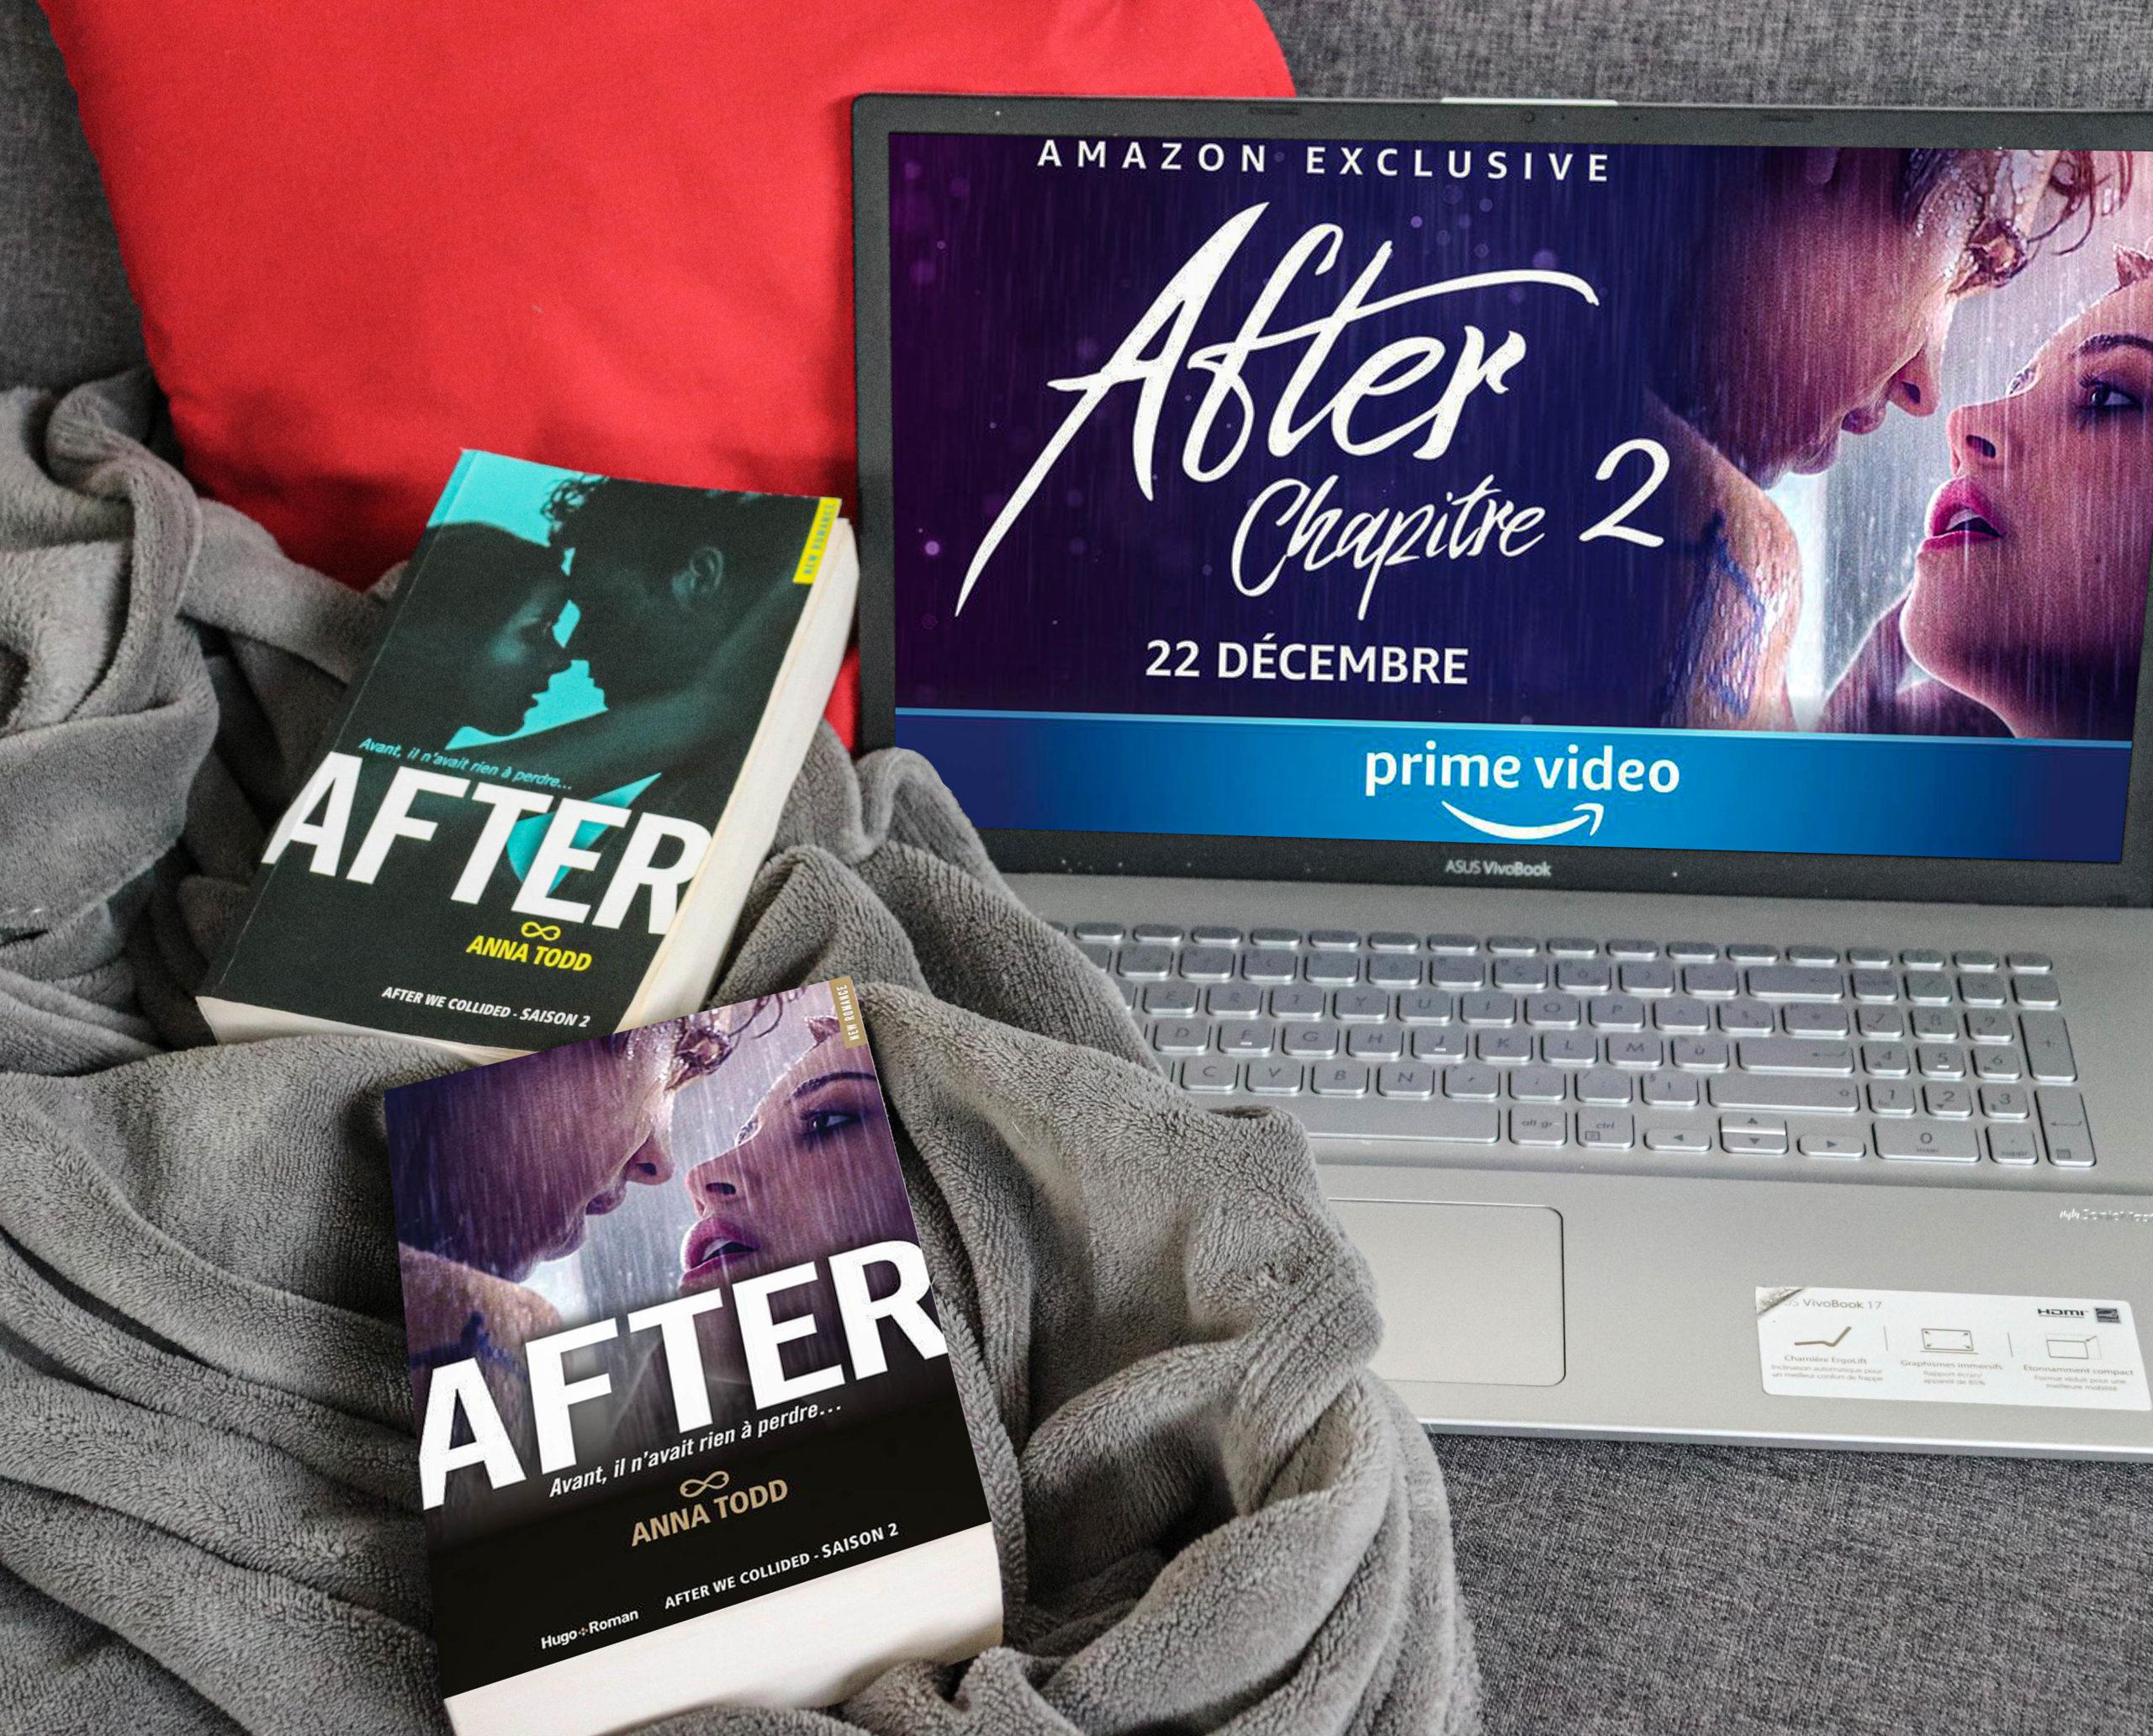 after chapitre 2 film amazon prime video